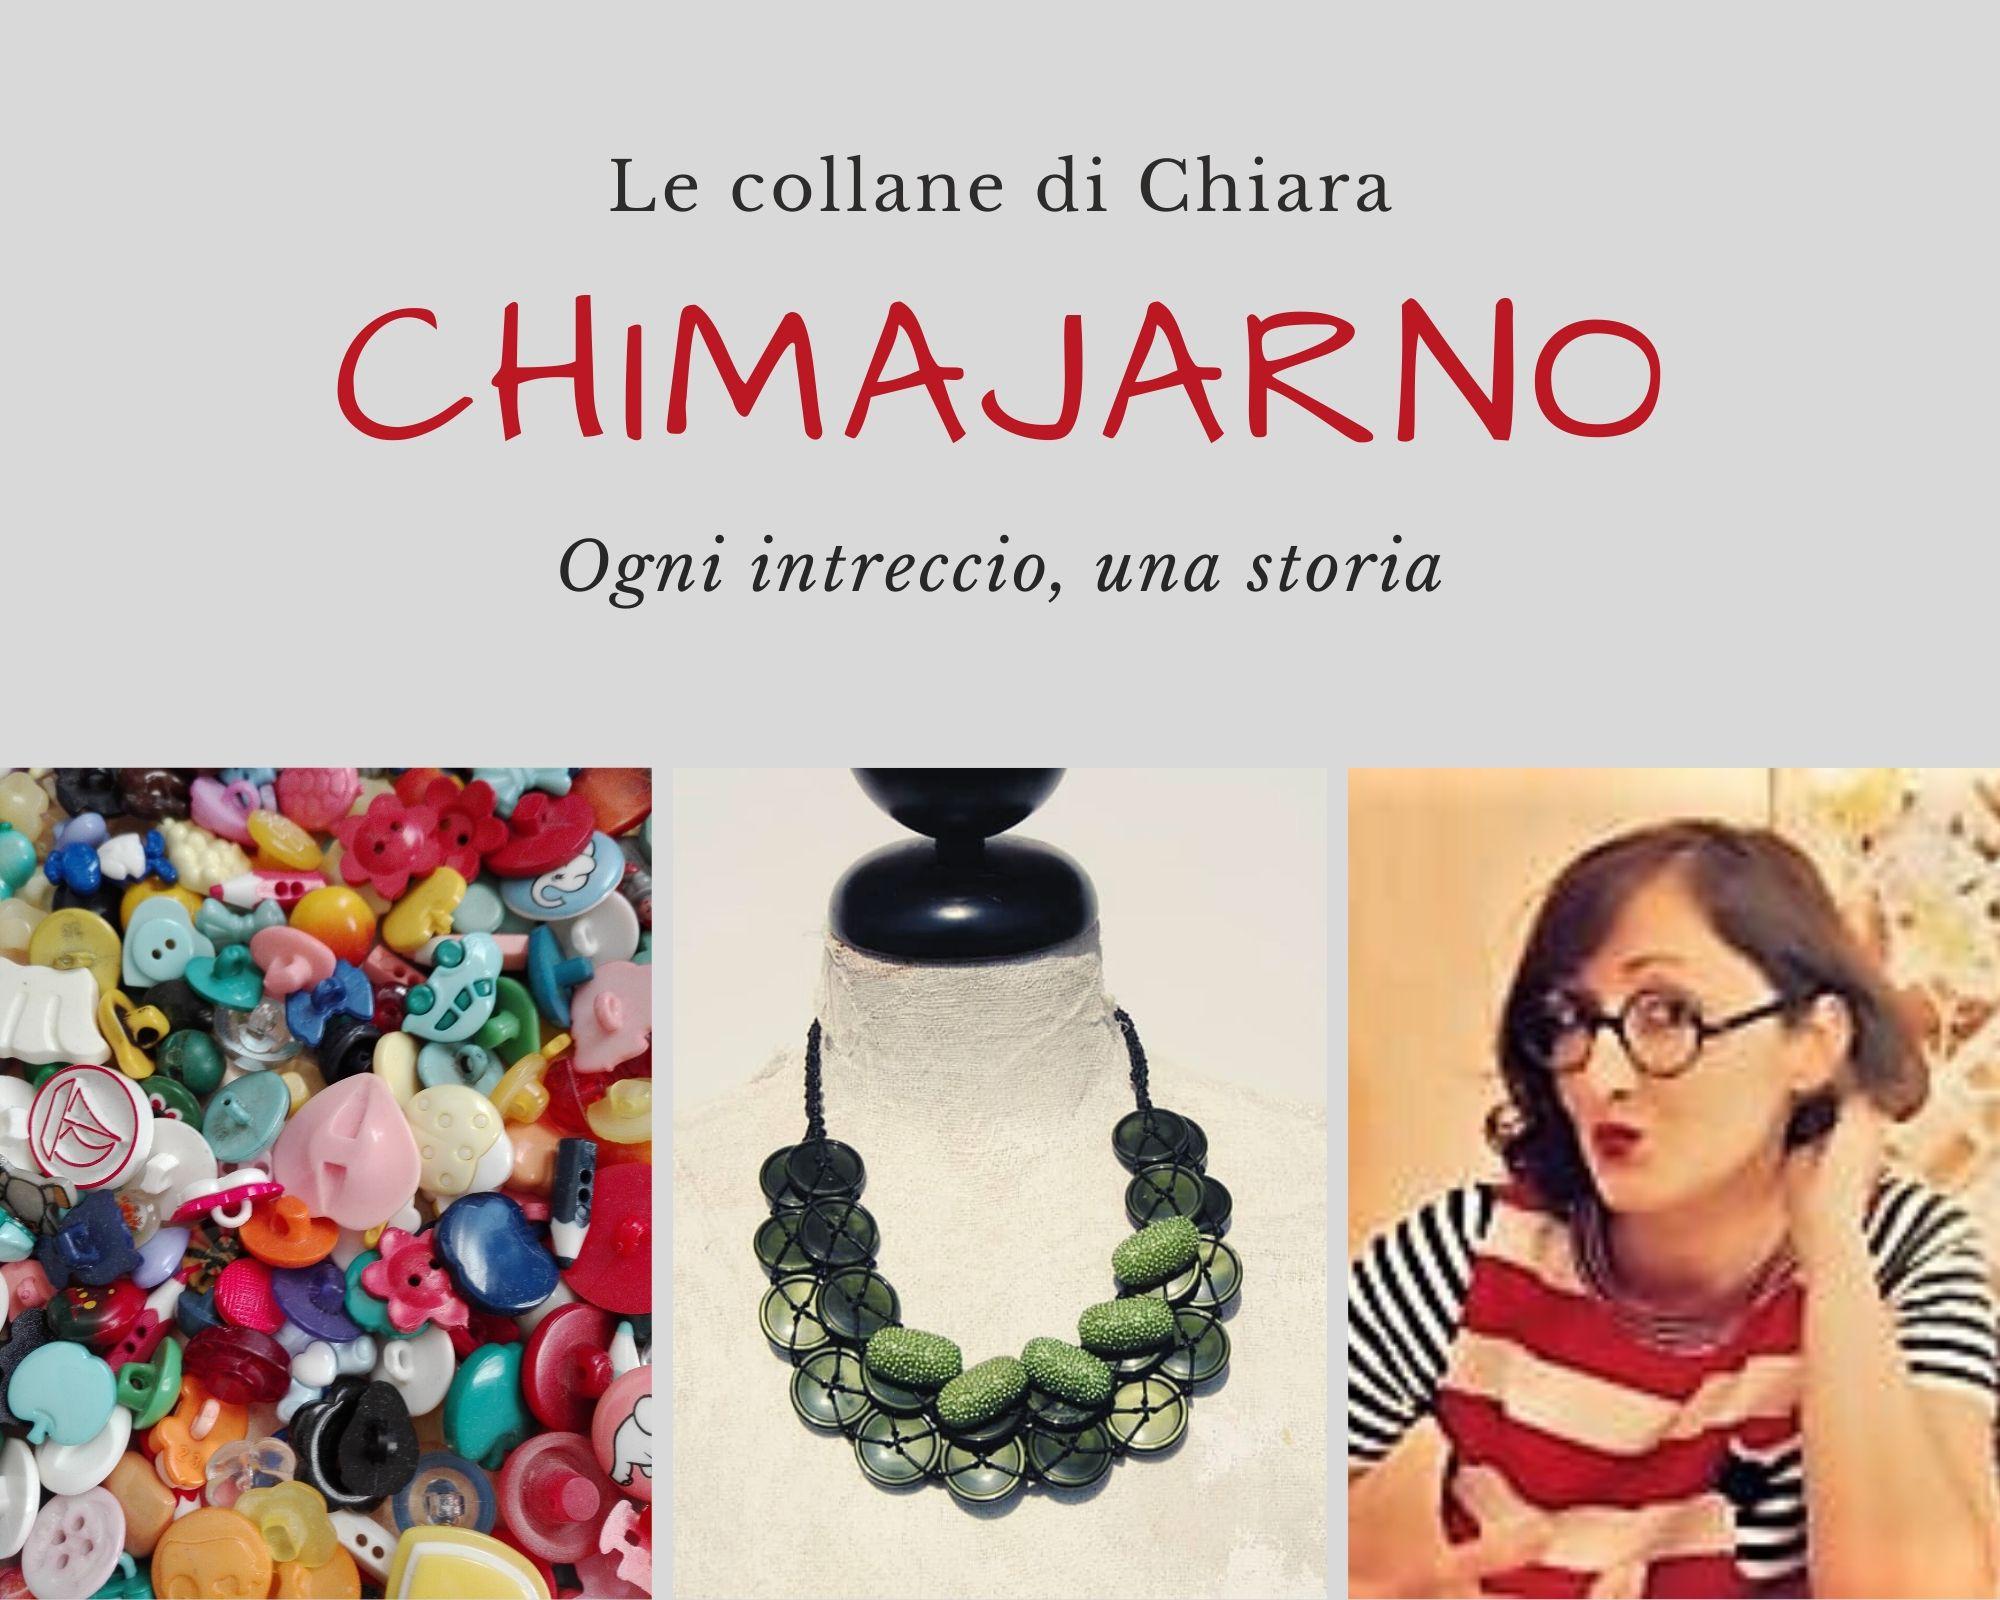 Le collane di bottoni di Chiara, alias Chimajarno, sono aggregazioni di bottoni da indossare: ognuna porta con sé ricordi e racconti, aggregati con una tecnica precisa e minuziosa.